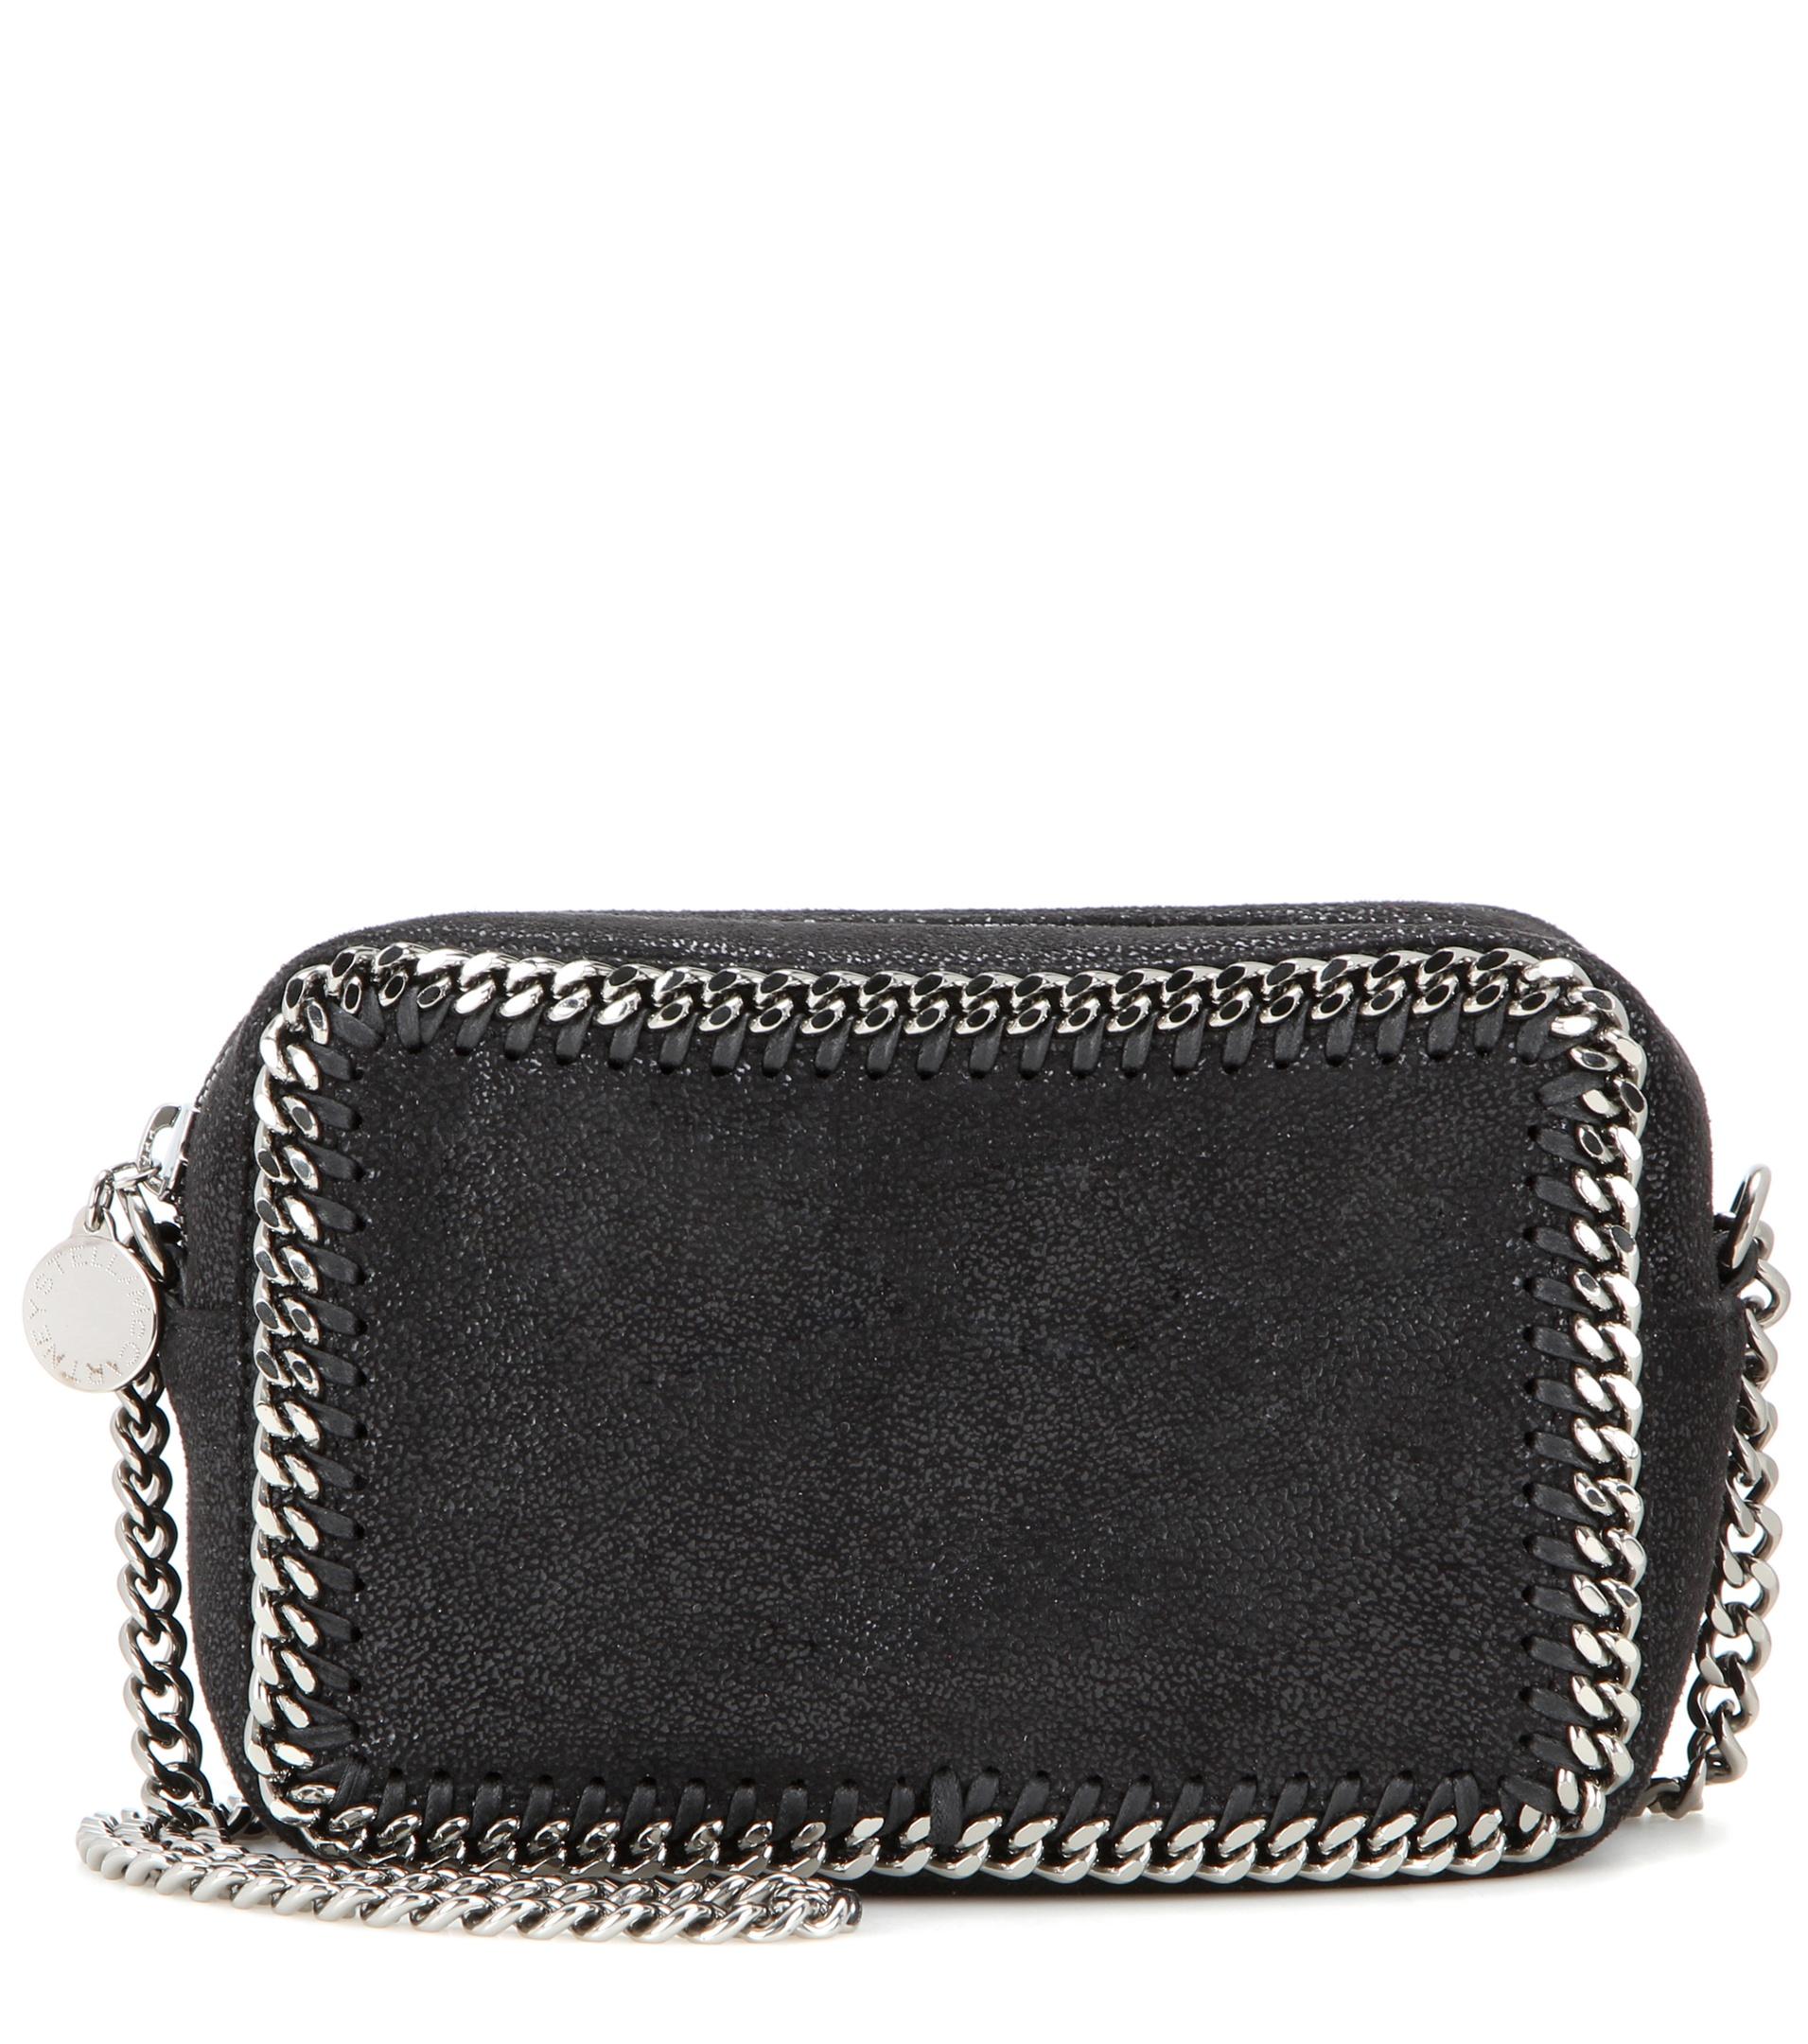 stella mccartney shoulder bag in black lyst. Black Bedroom Furniture Sets. Home Design Ideas